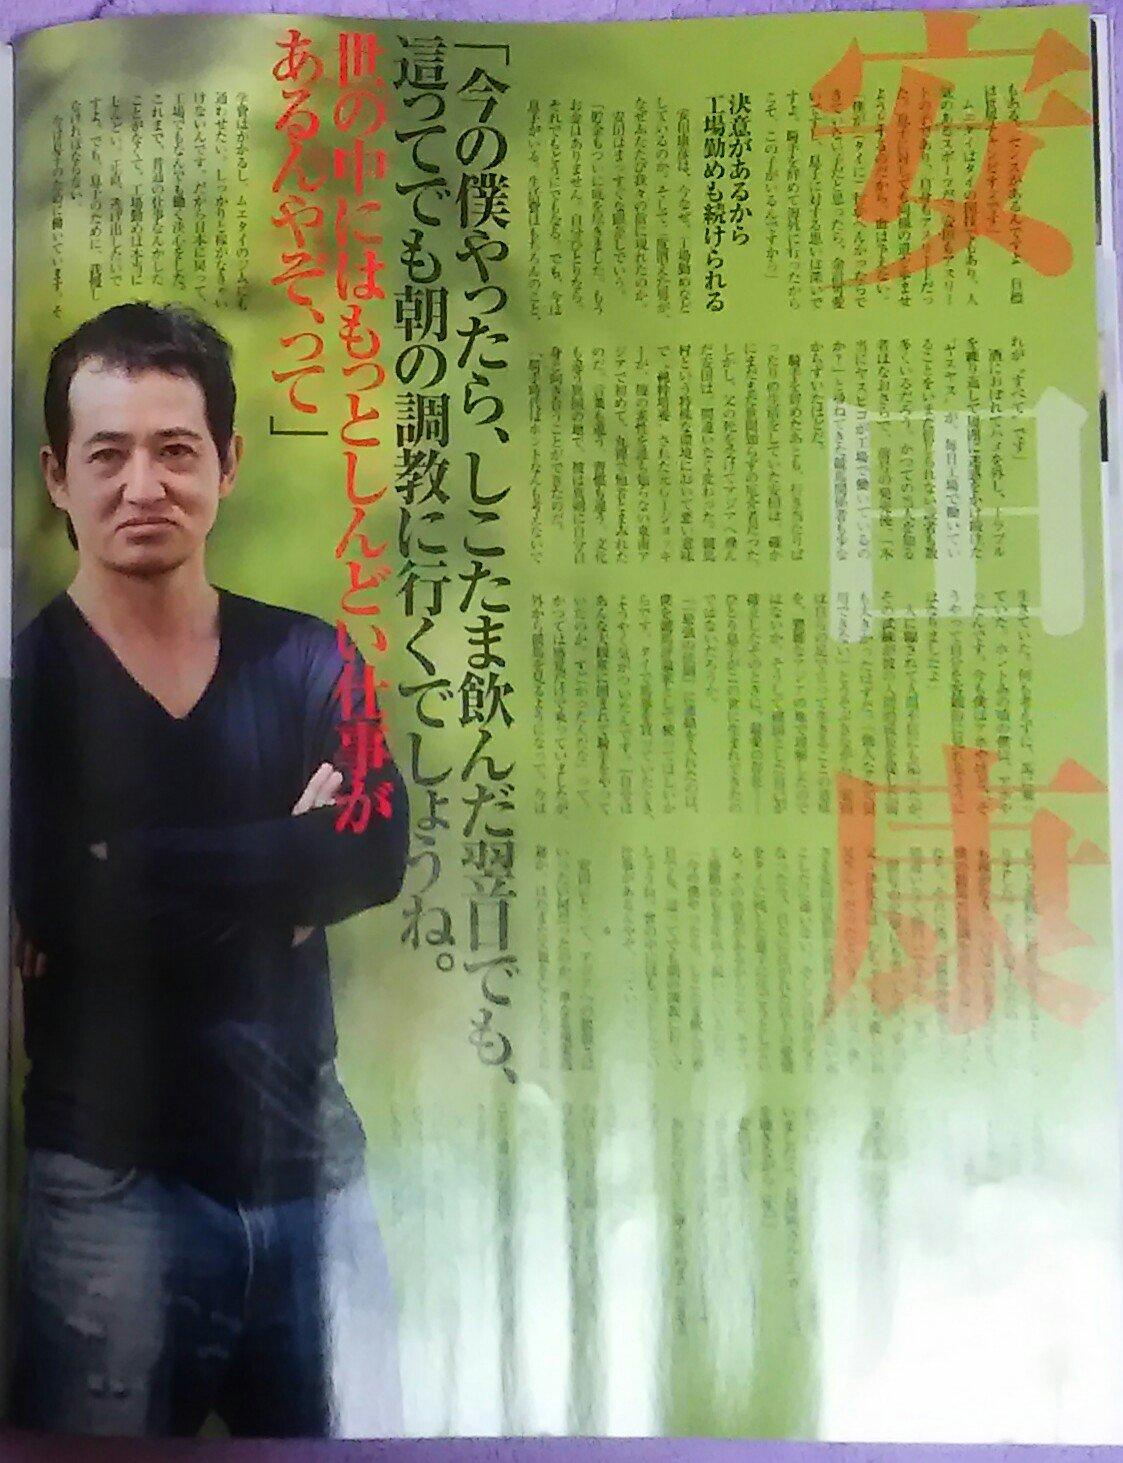 """Gakuちゃん Twitterren: """"あの安田康彦がまさか工場勤務してるとはな ..."""